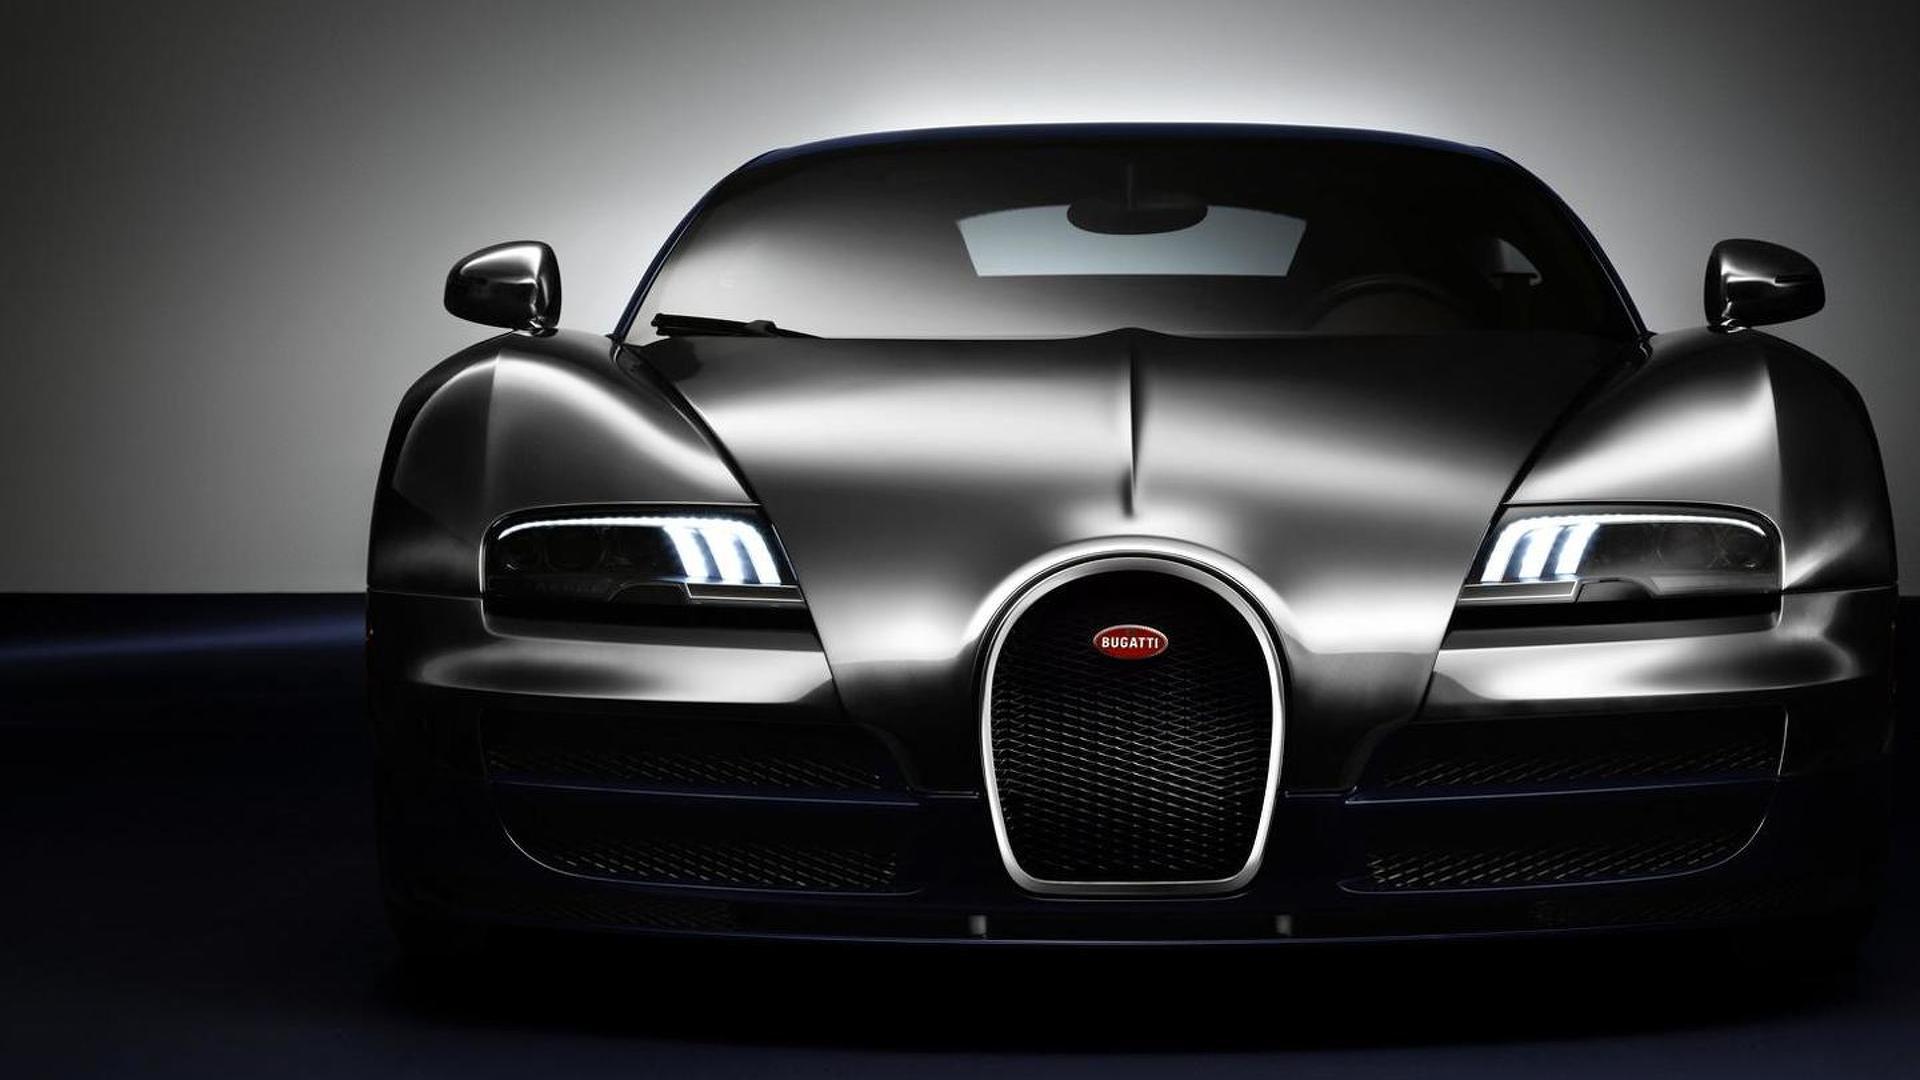 2018 bugatti veyron 0 60. wonderful veyron in 2018 bugatti veyron 0 60 e